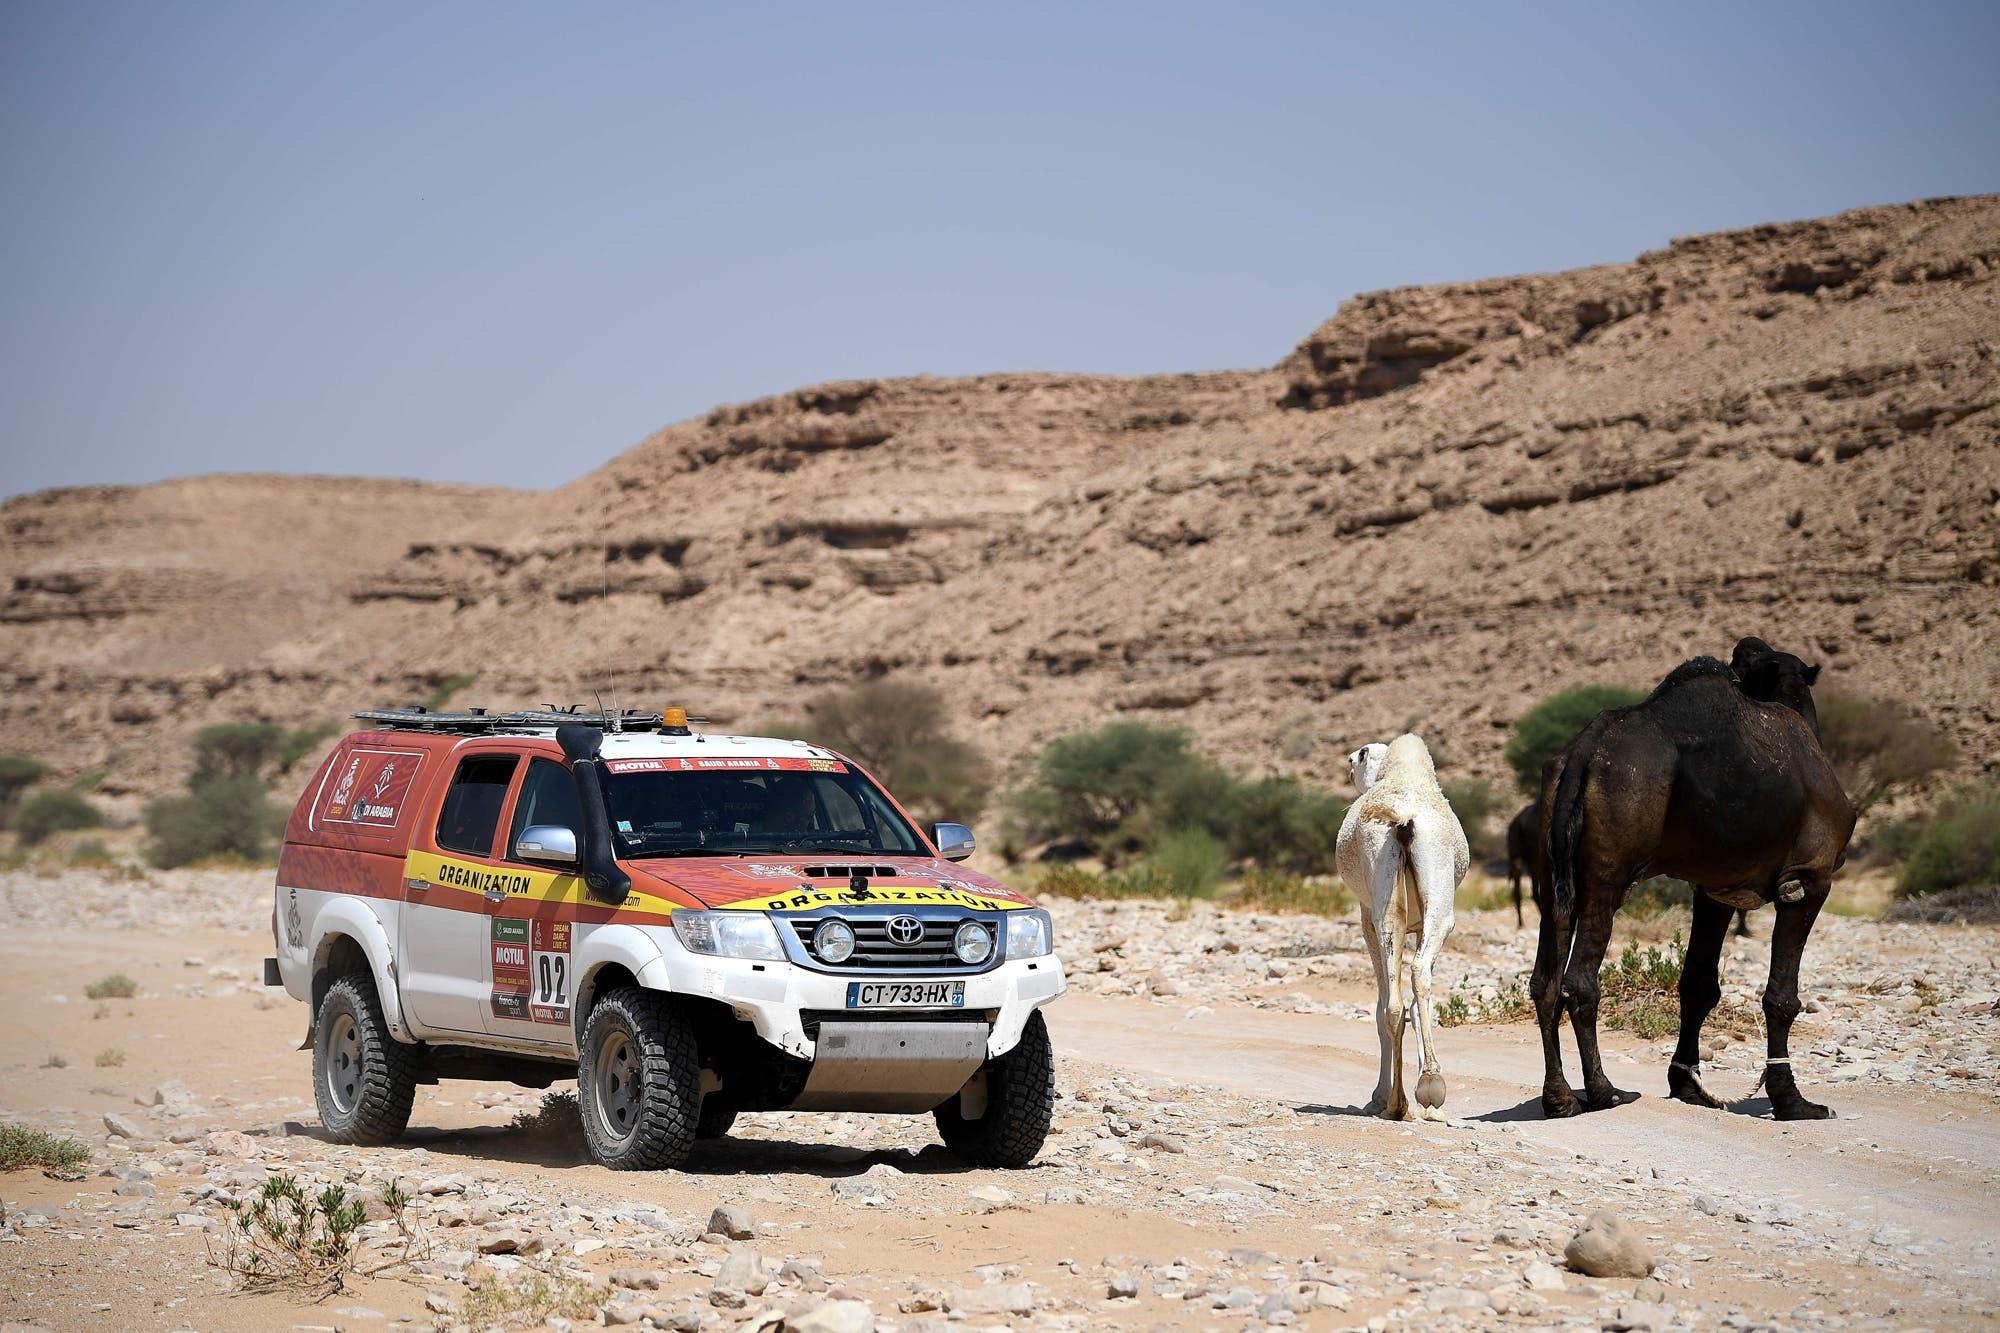 Rally Dakar 2020. Un cuaderno, una linterna y un lápiz: el argentino que diseña en el desierto un recorrido entre dunas y camellos